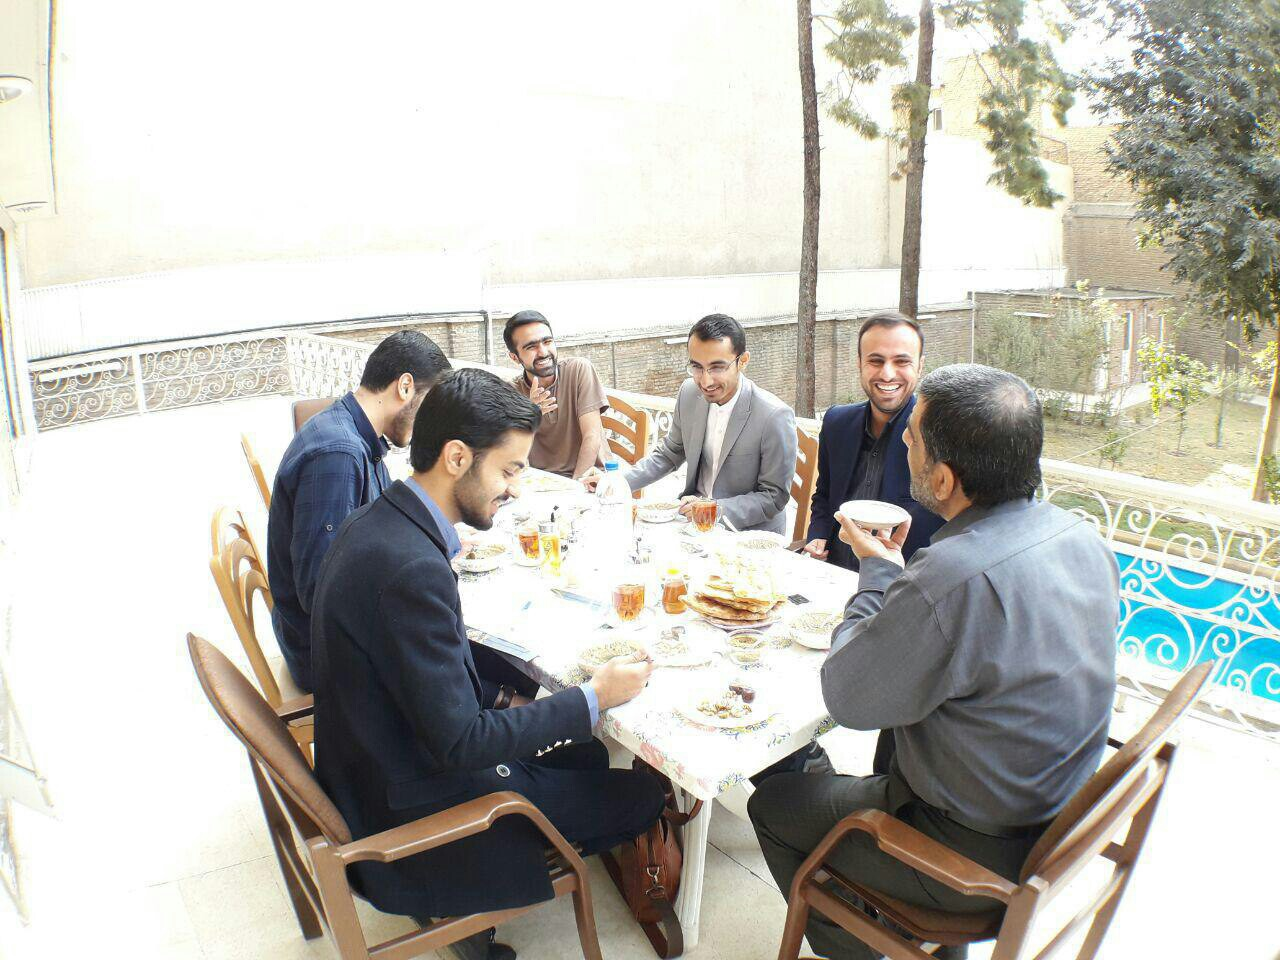 ضرغامی با دانشجویان صبحانه خورد + عکس